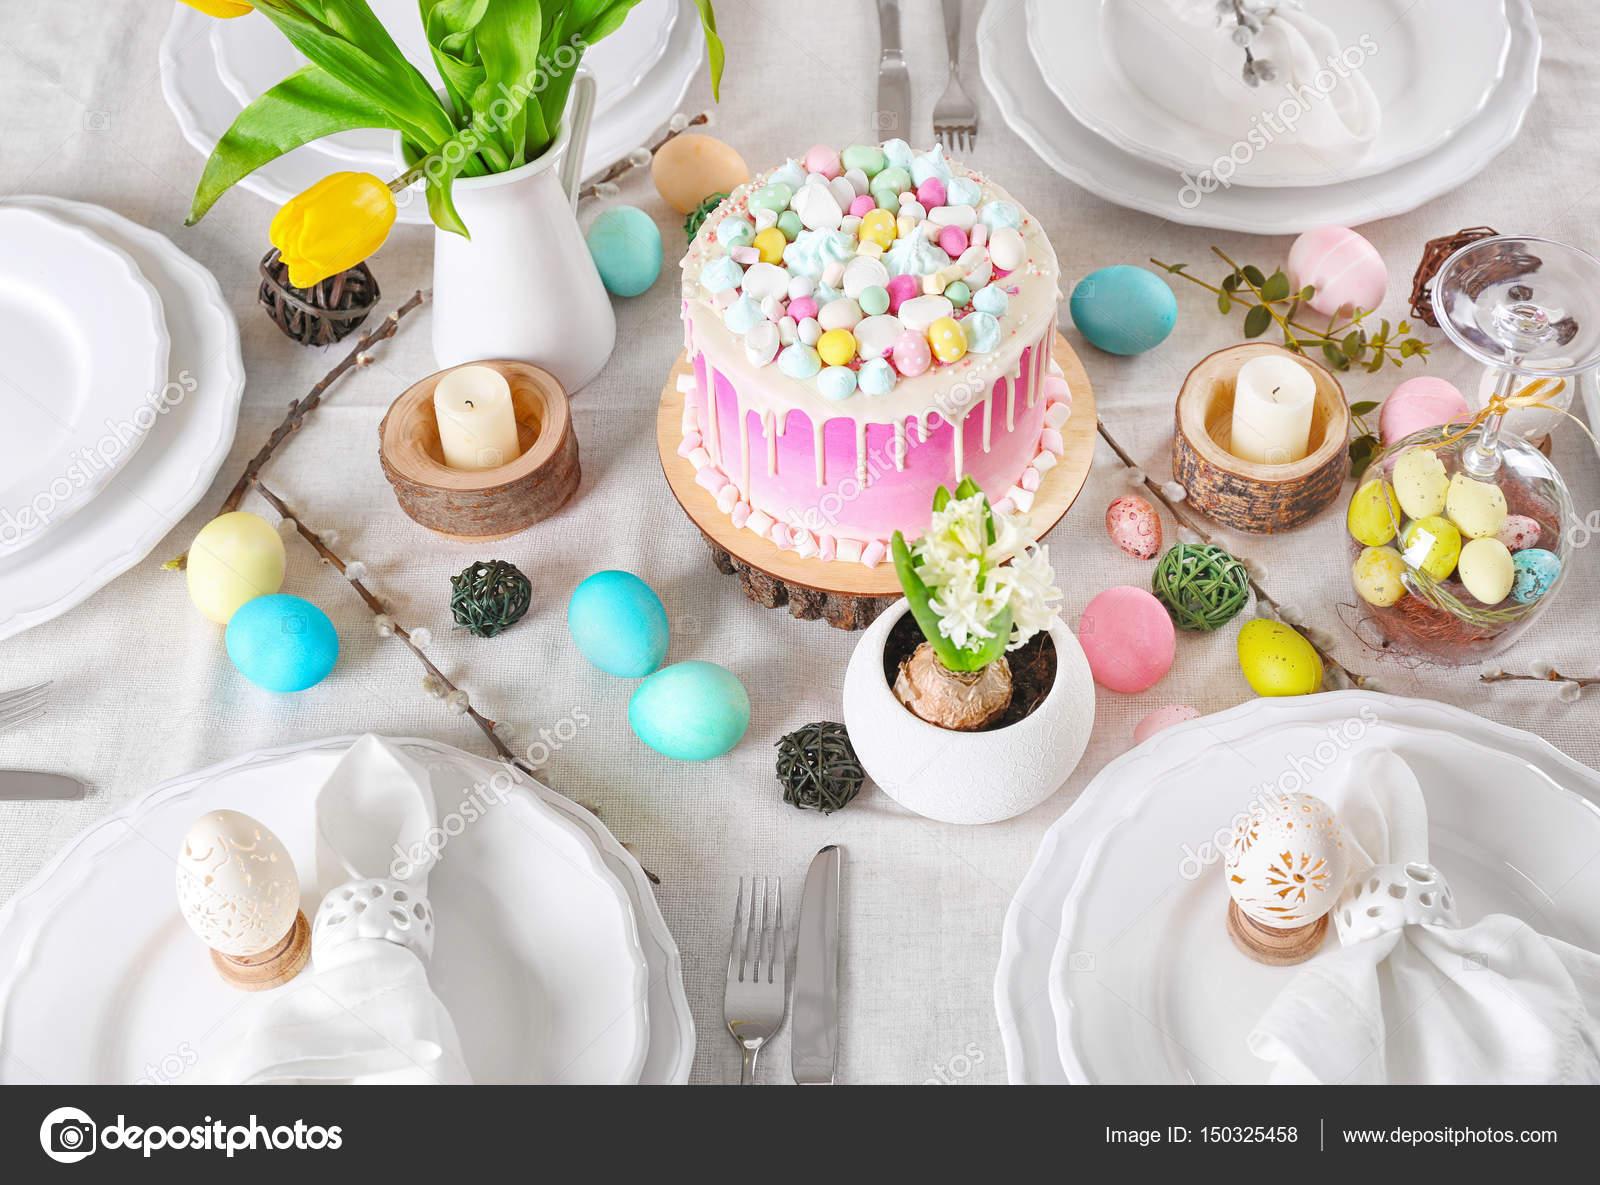 Schone Kuchen Und Ostern Dekoration Stockfoto C Belchonock 150325458